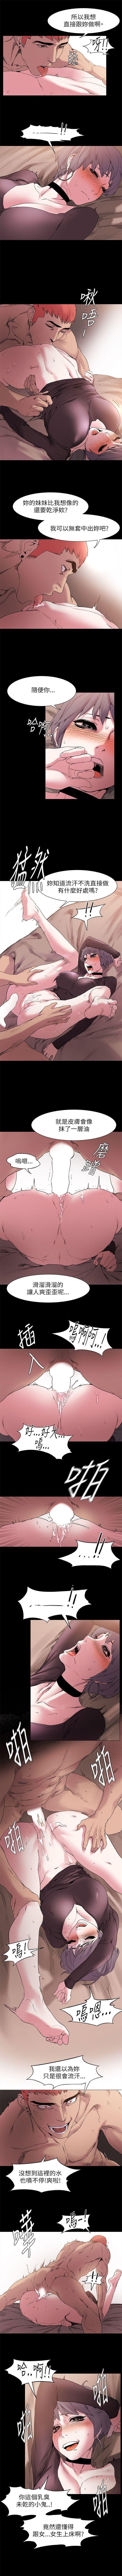 (週5)衝突 1-94 中文翻譯 (更新中) 61